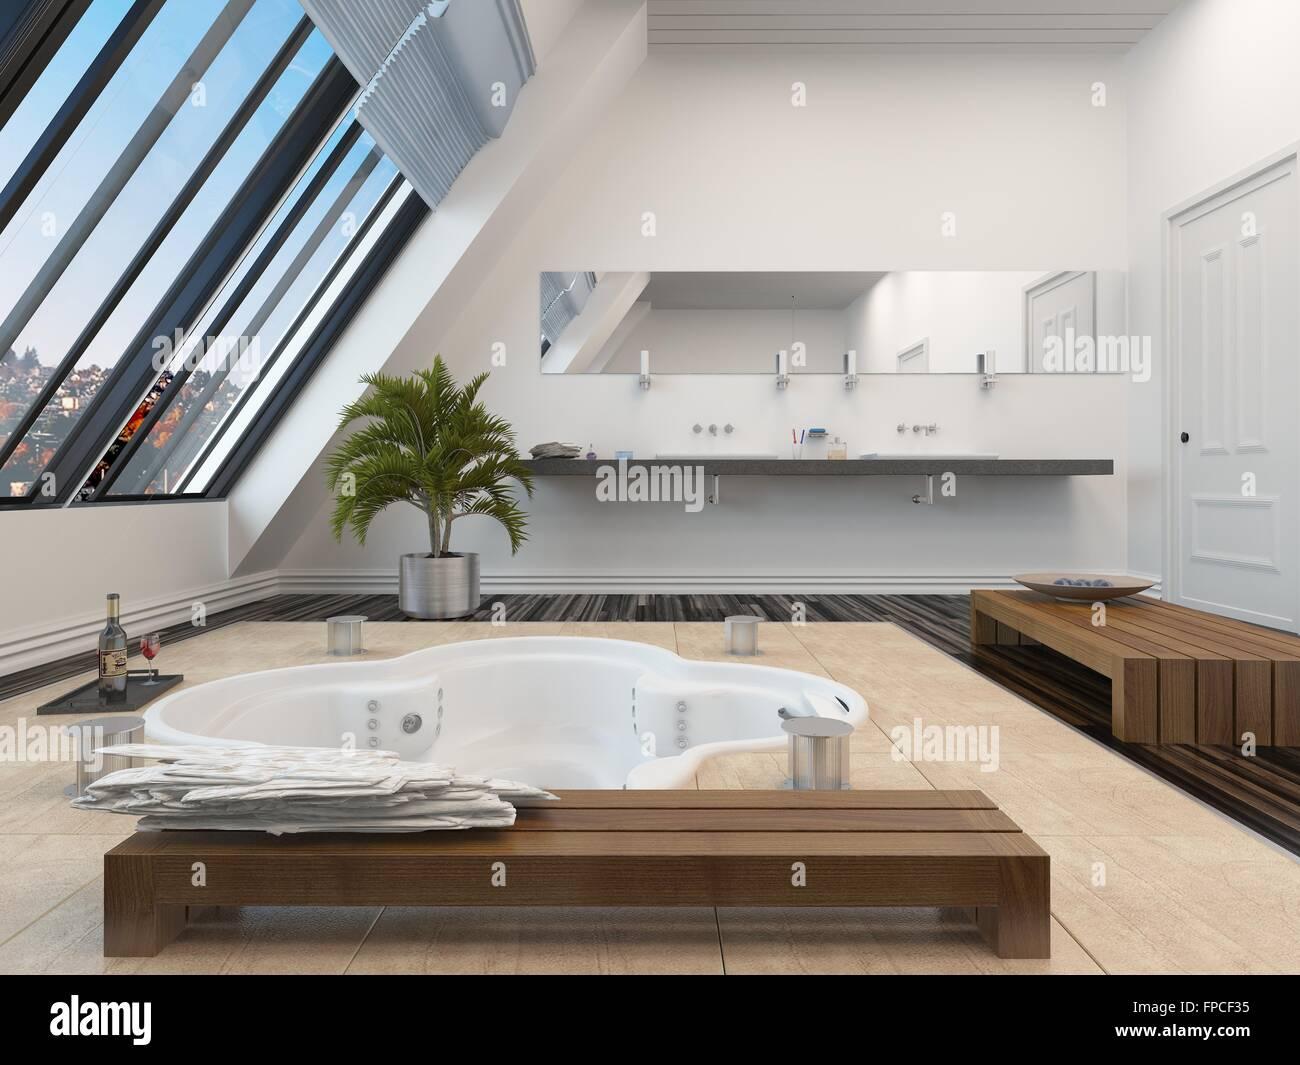 Modernes Badezimmer Interieur mit einer versunkenen ...